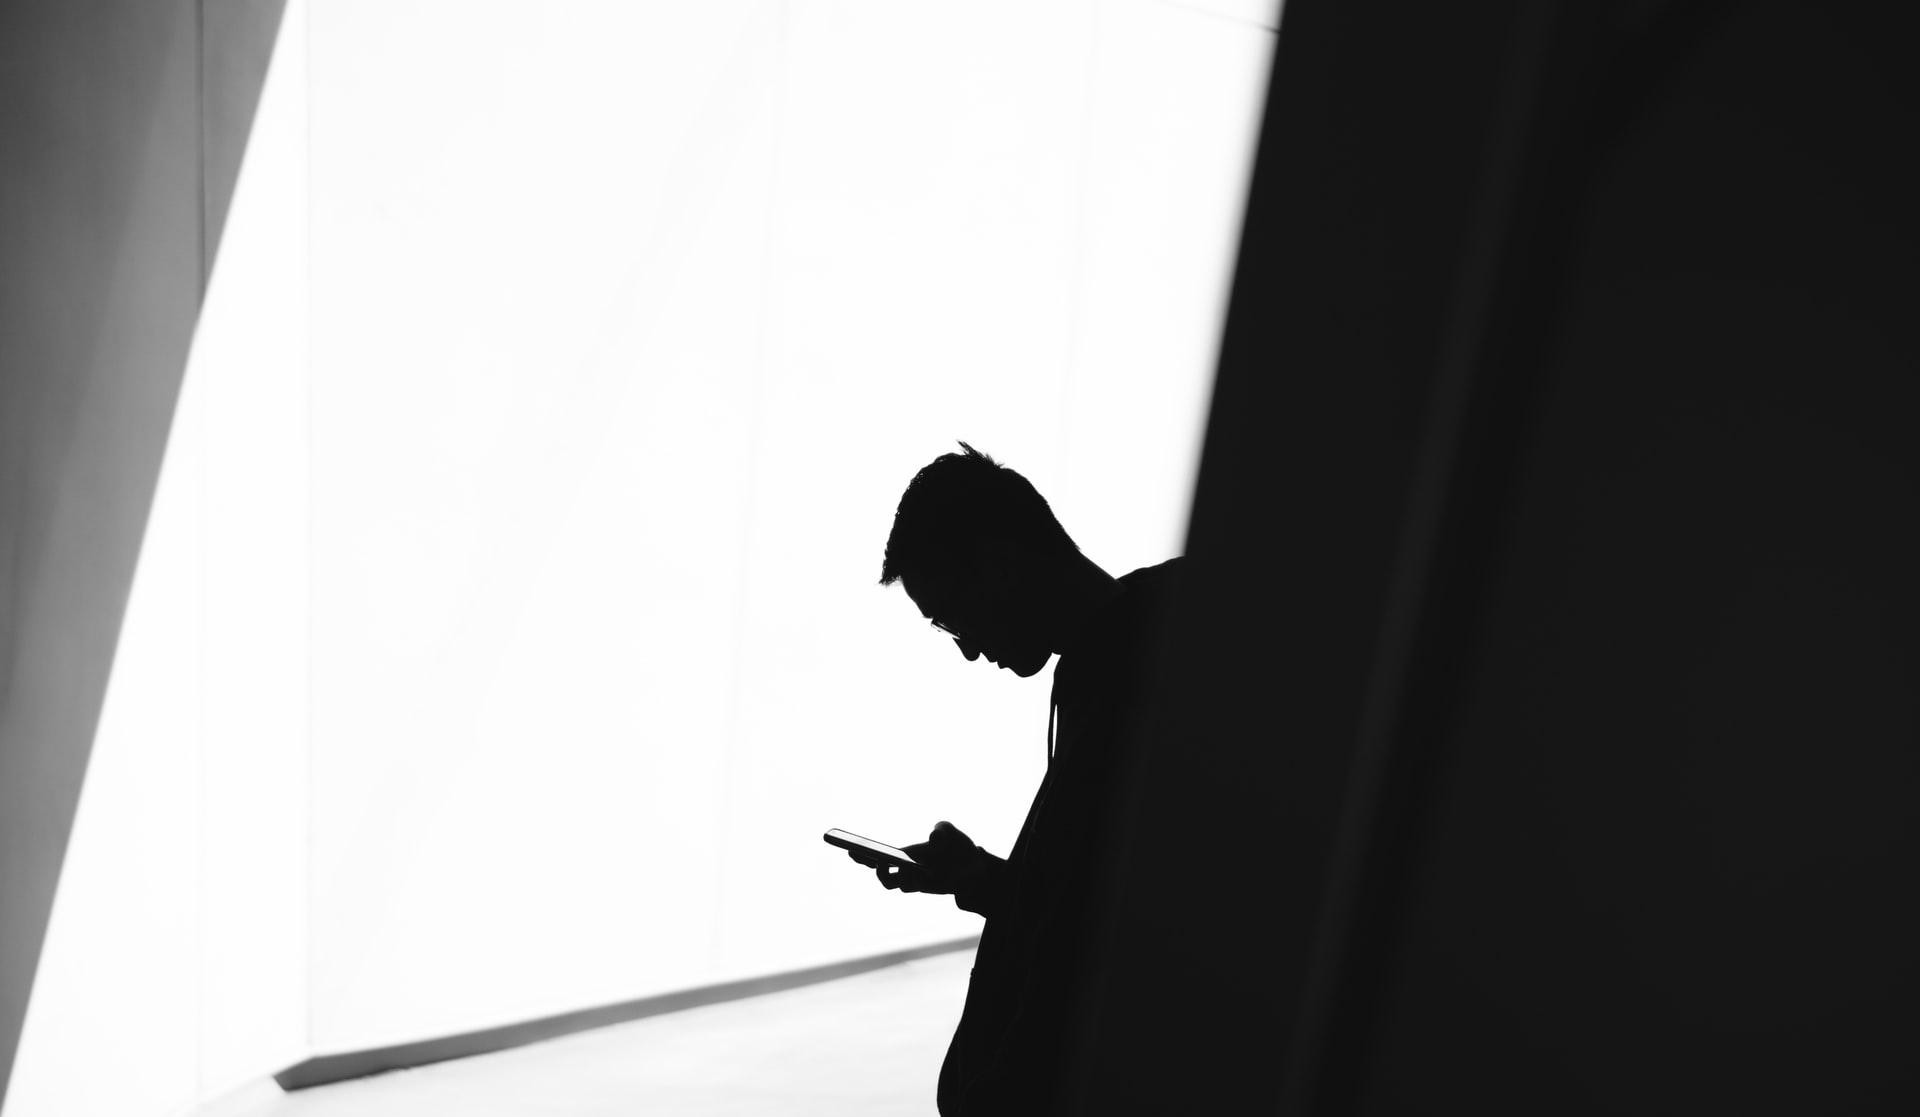 孤立してスマートフォンを閲覧する男性